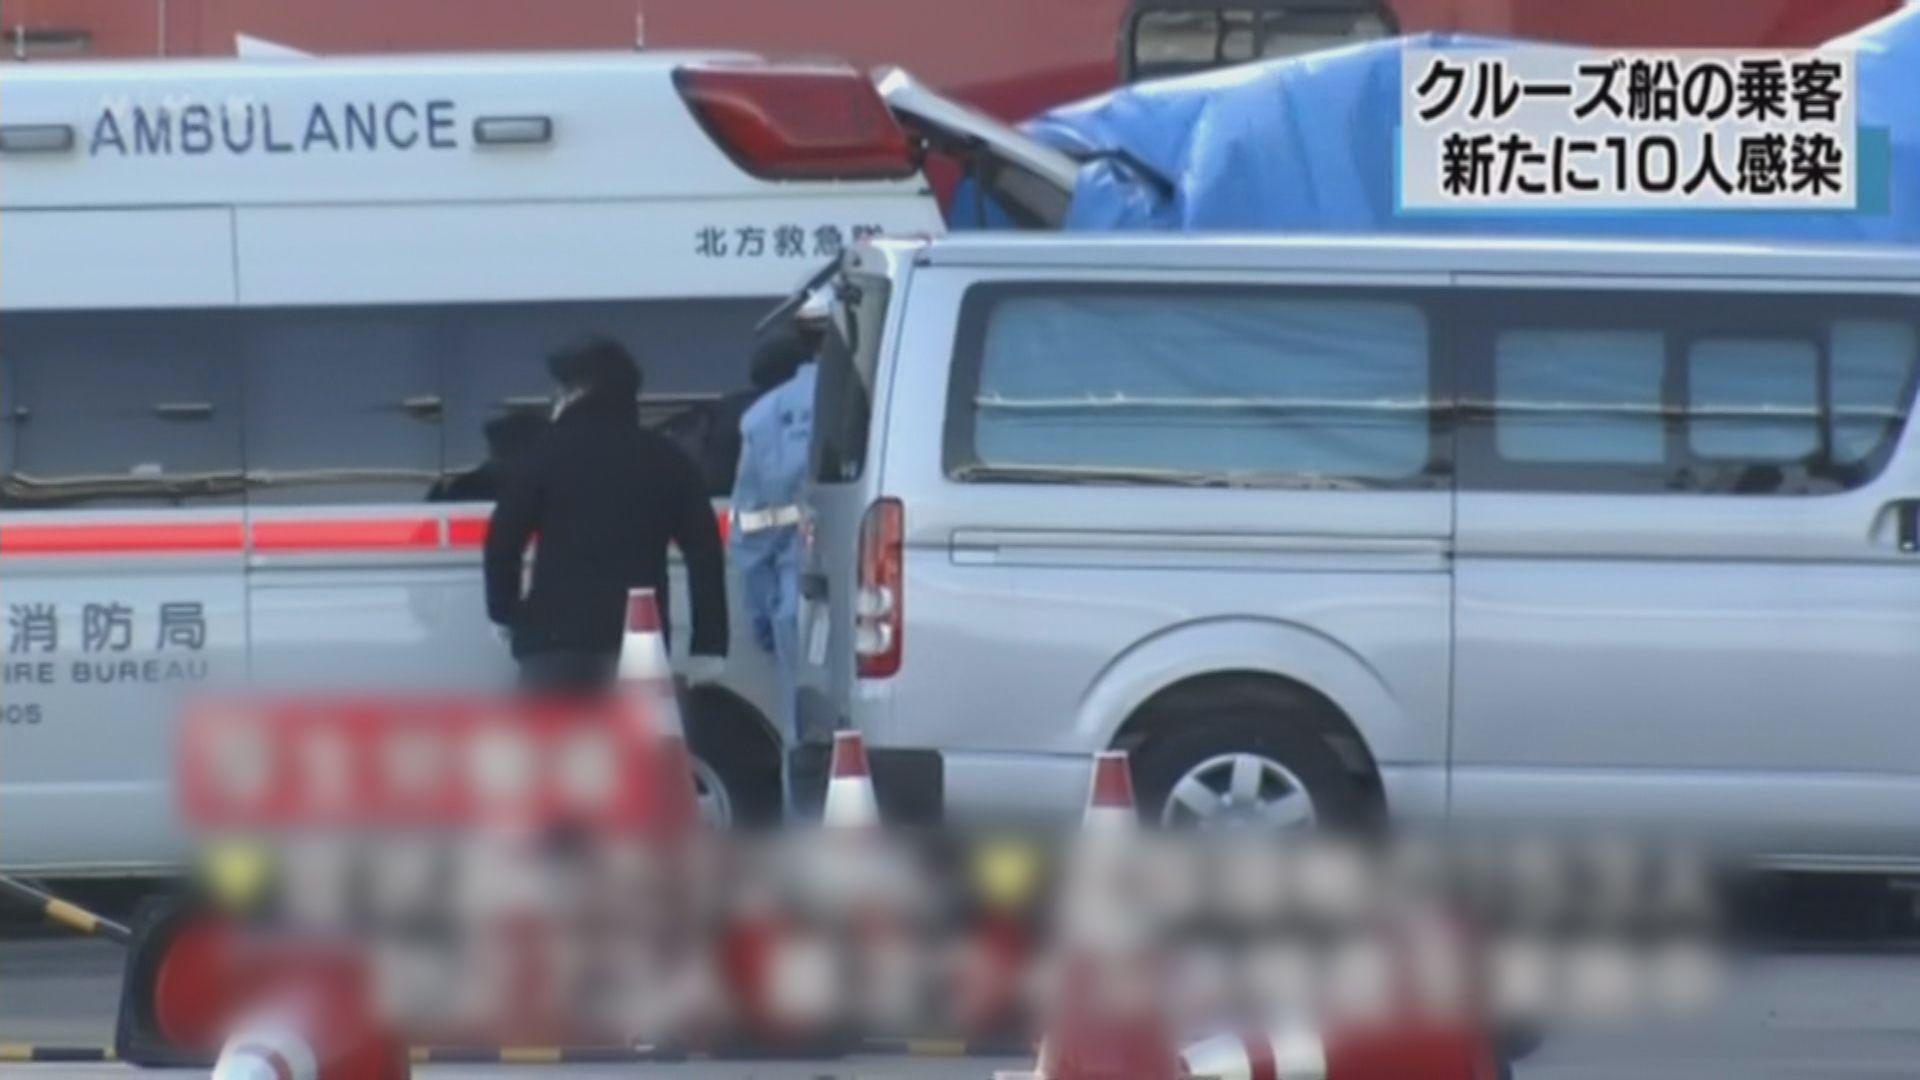 日本45宗確診個案 成中國以外最多的國家